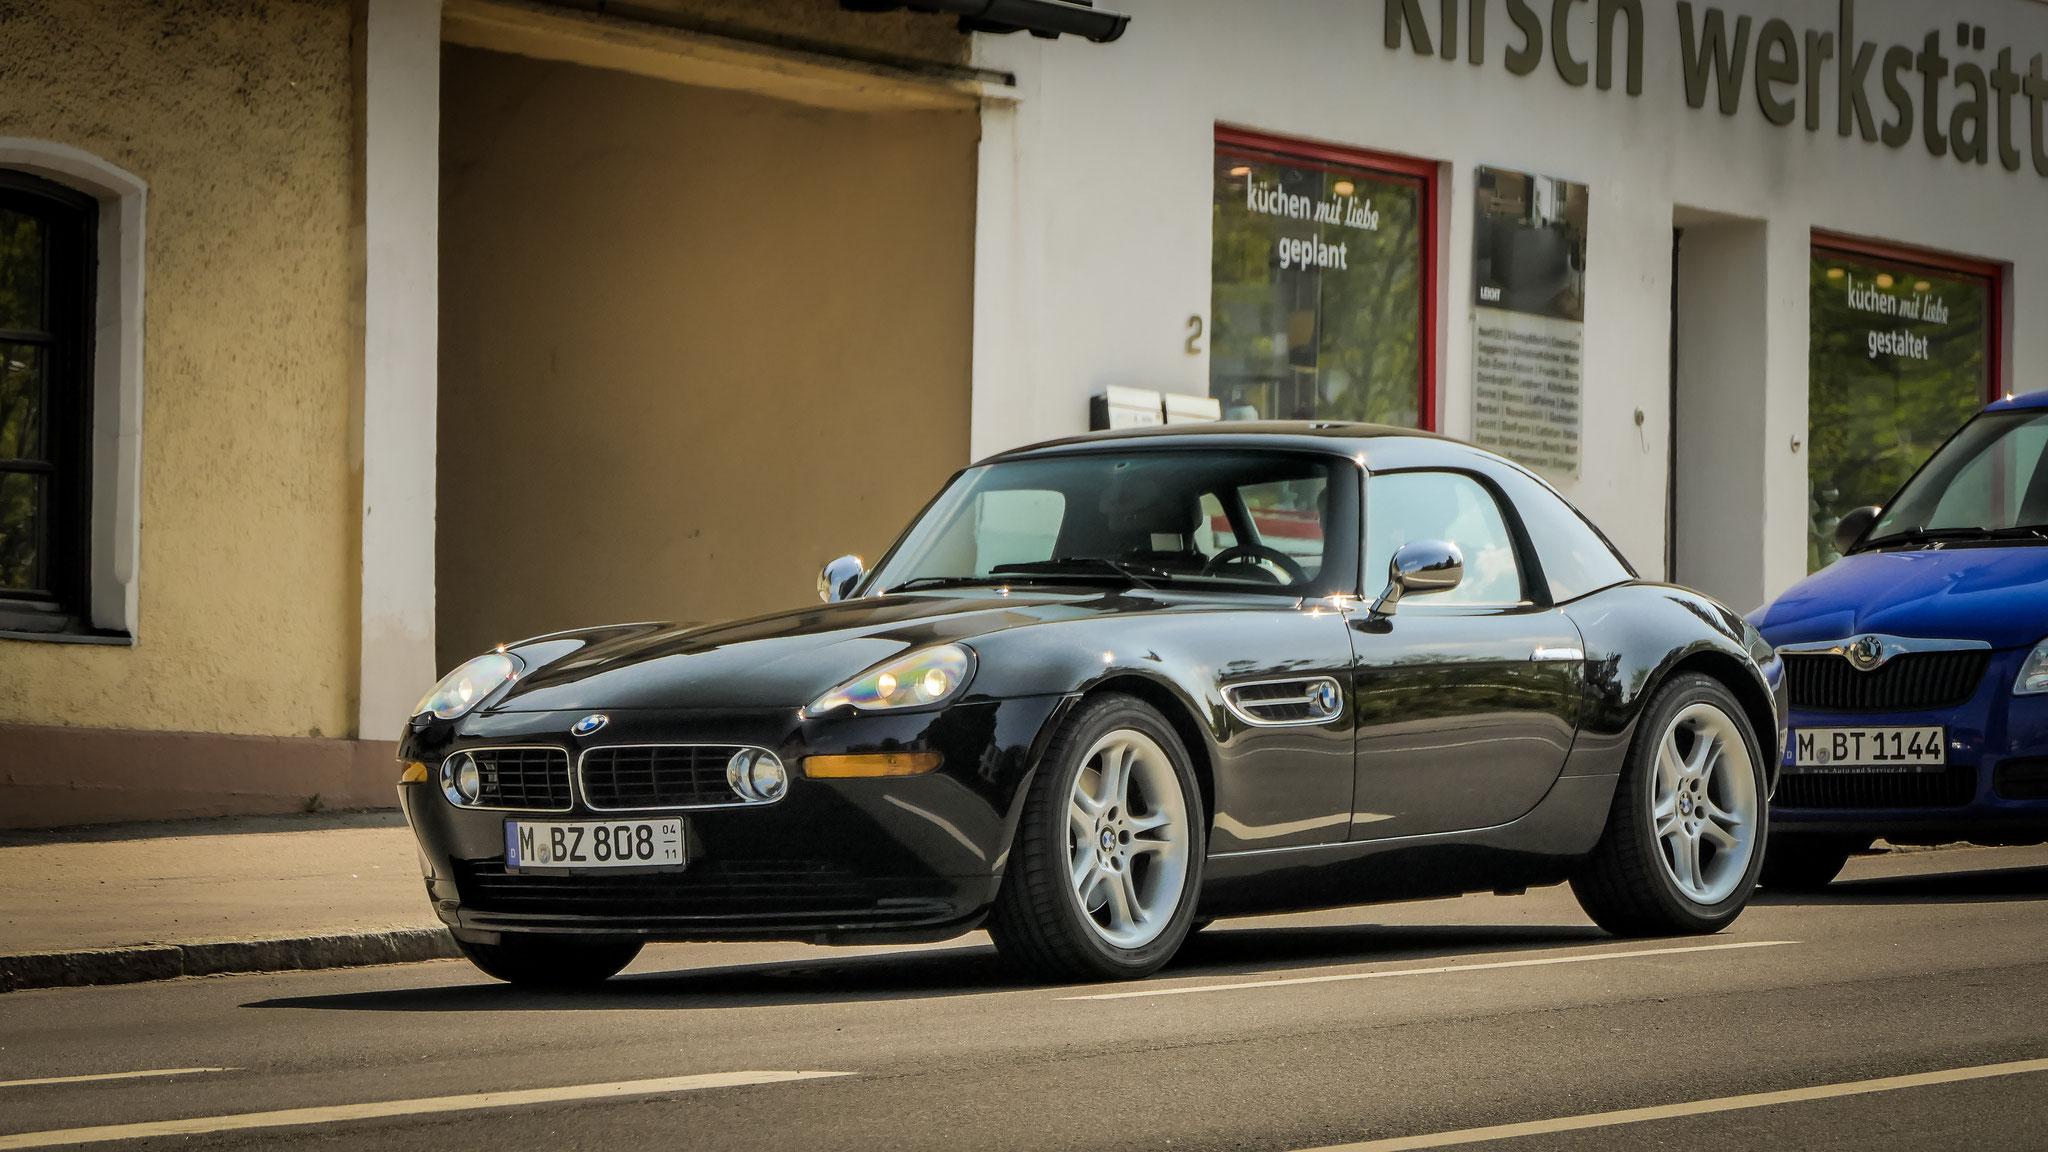 BMW Z8 - M-BZ-808